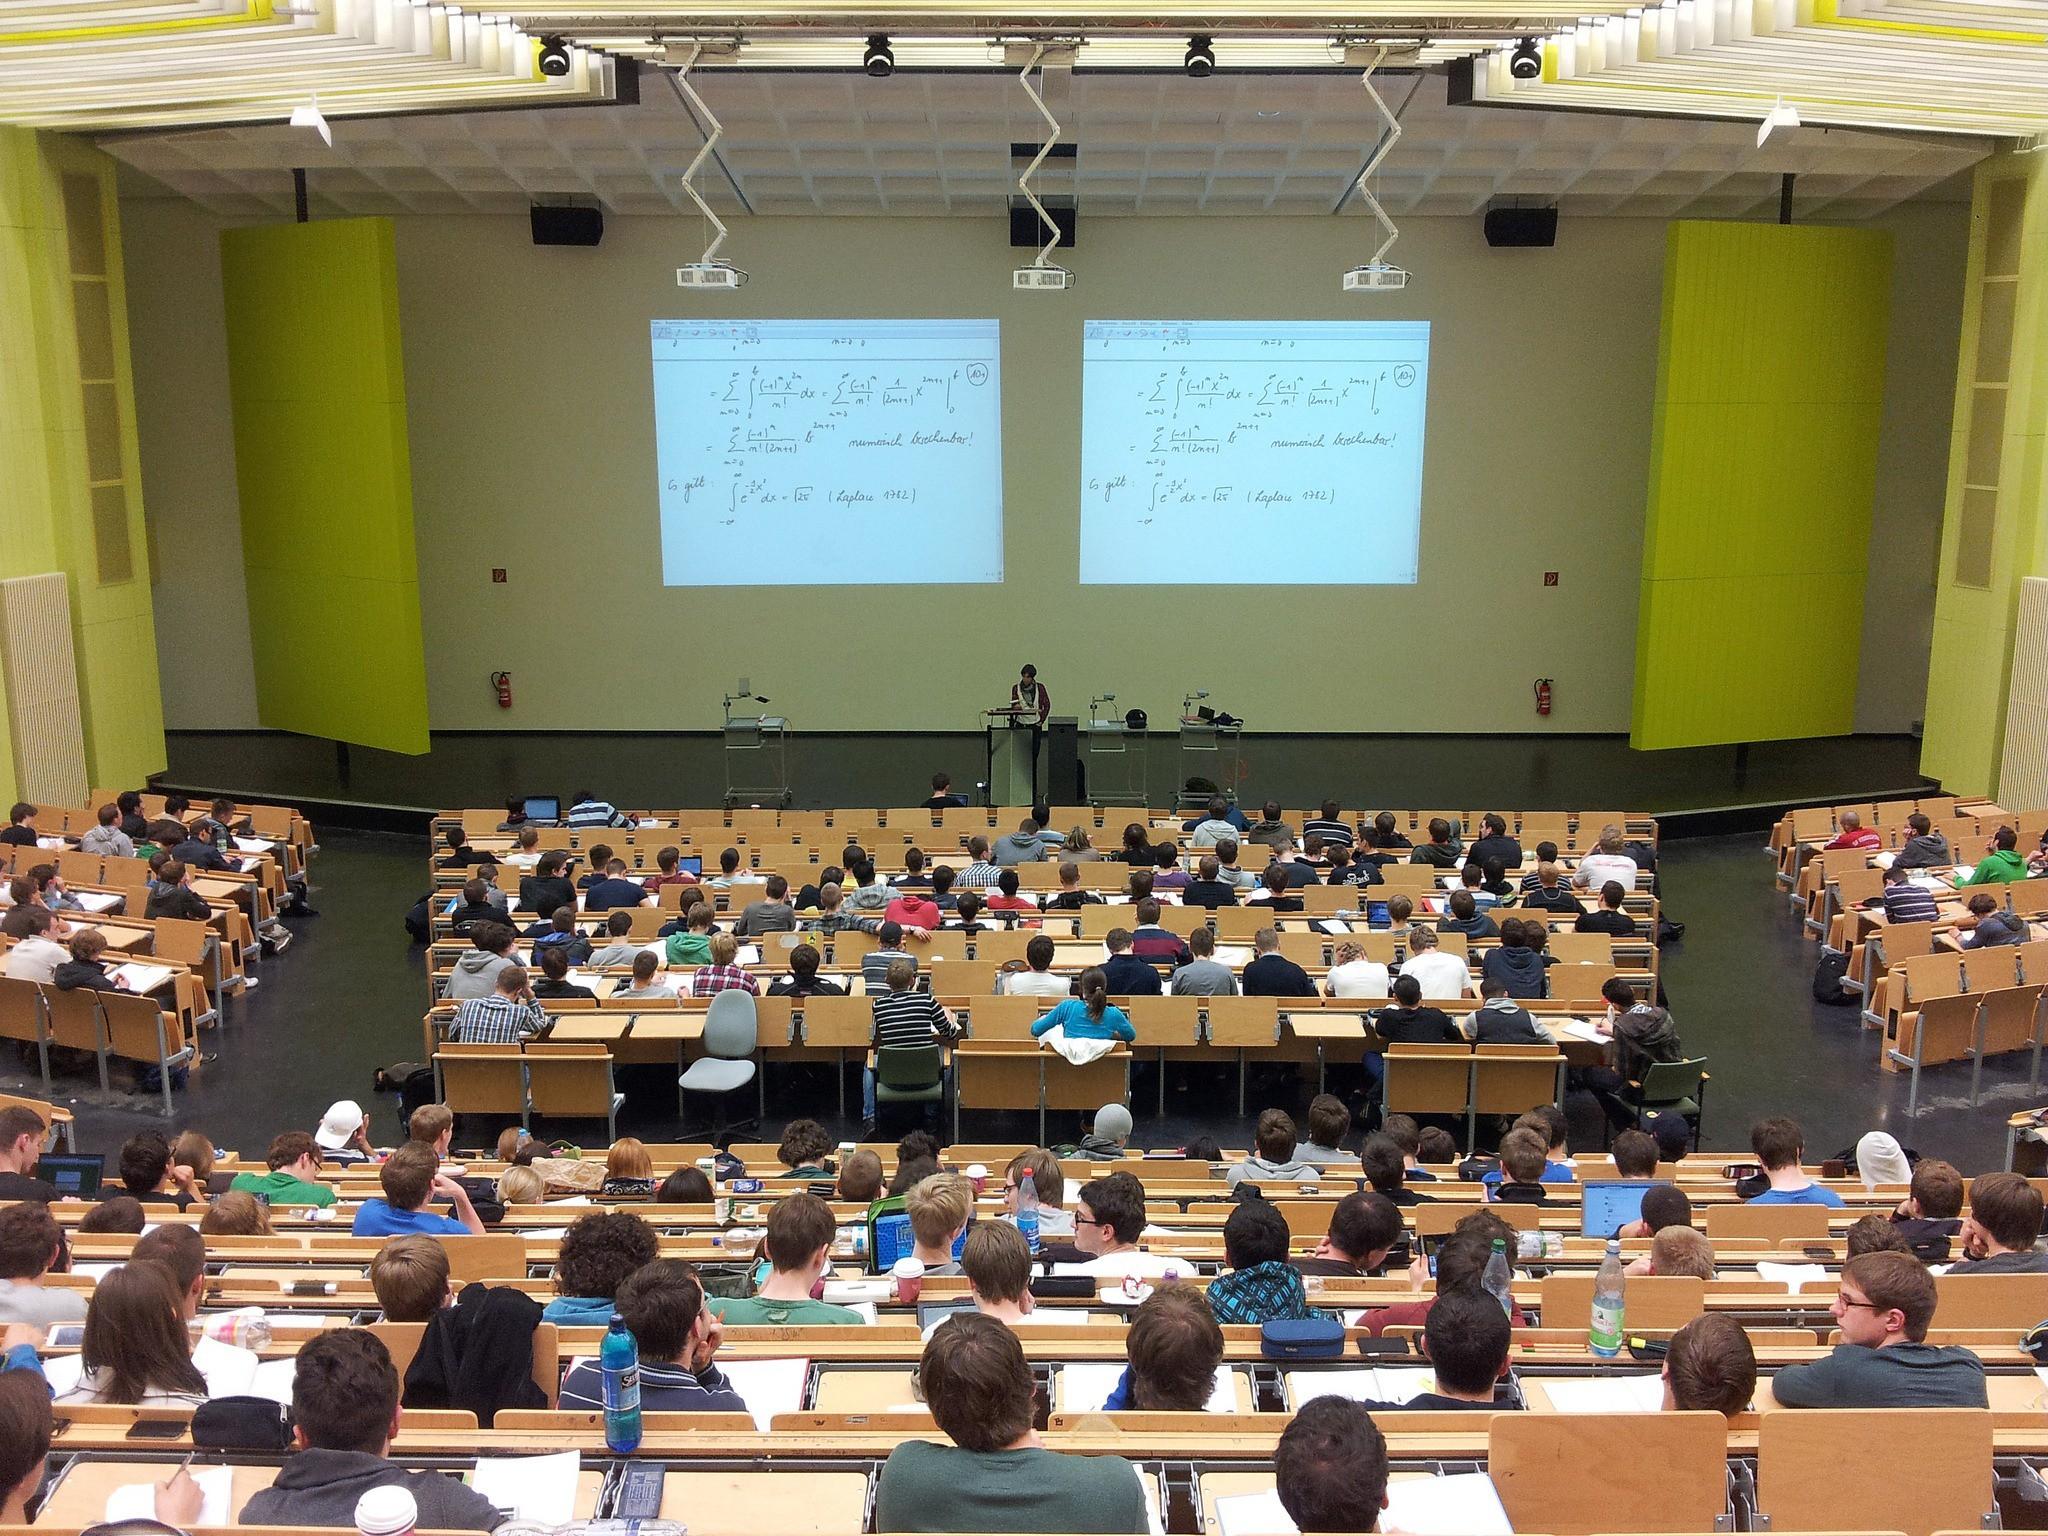 Professor em sala de aula (Foto: Divulgação/University Lecture Campus Education by nikolayhg)